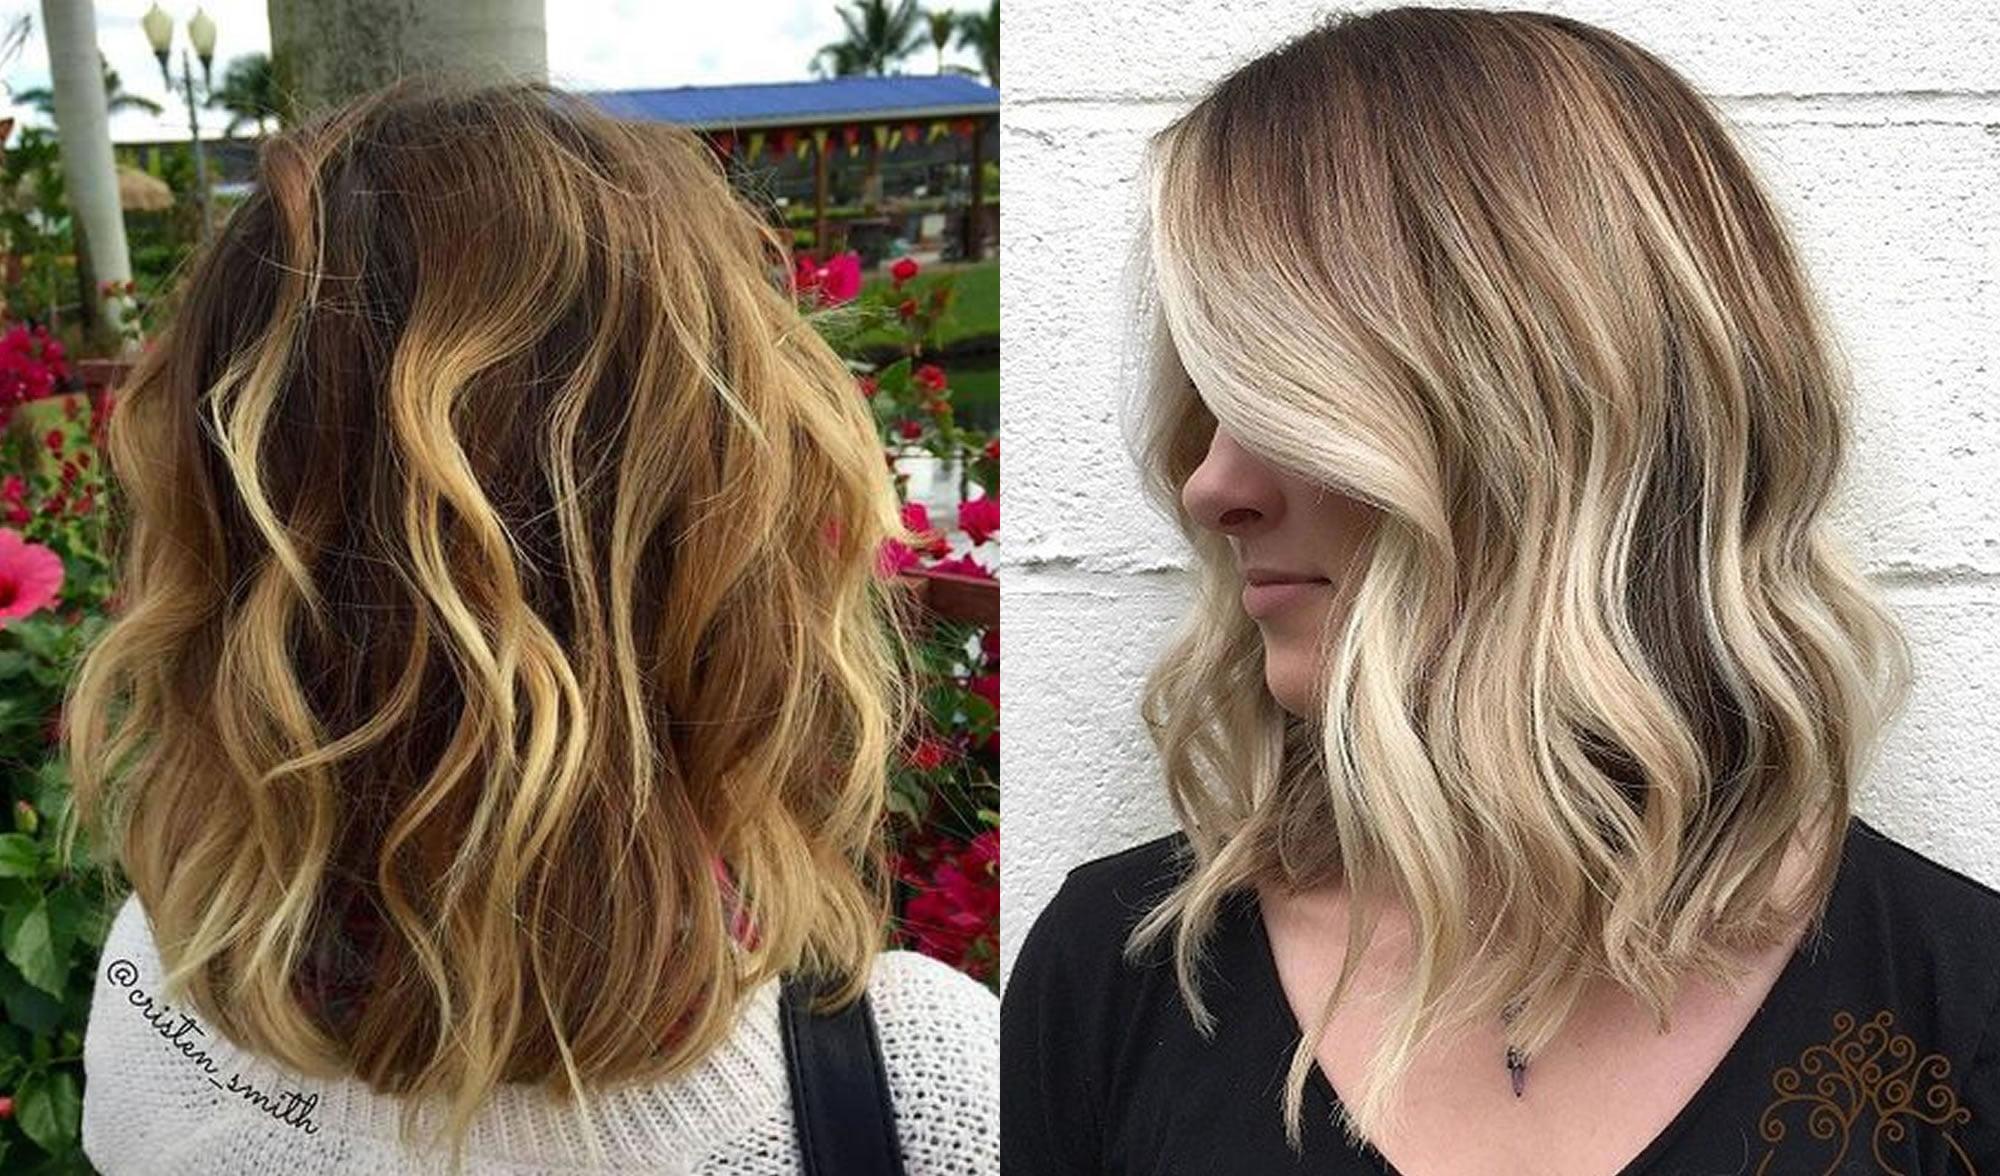 Long bob hairstyles and hair colors - 2018 & 2019 Bob ...